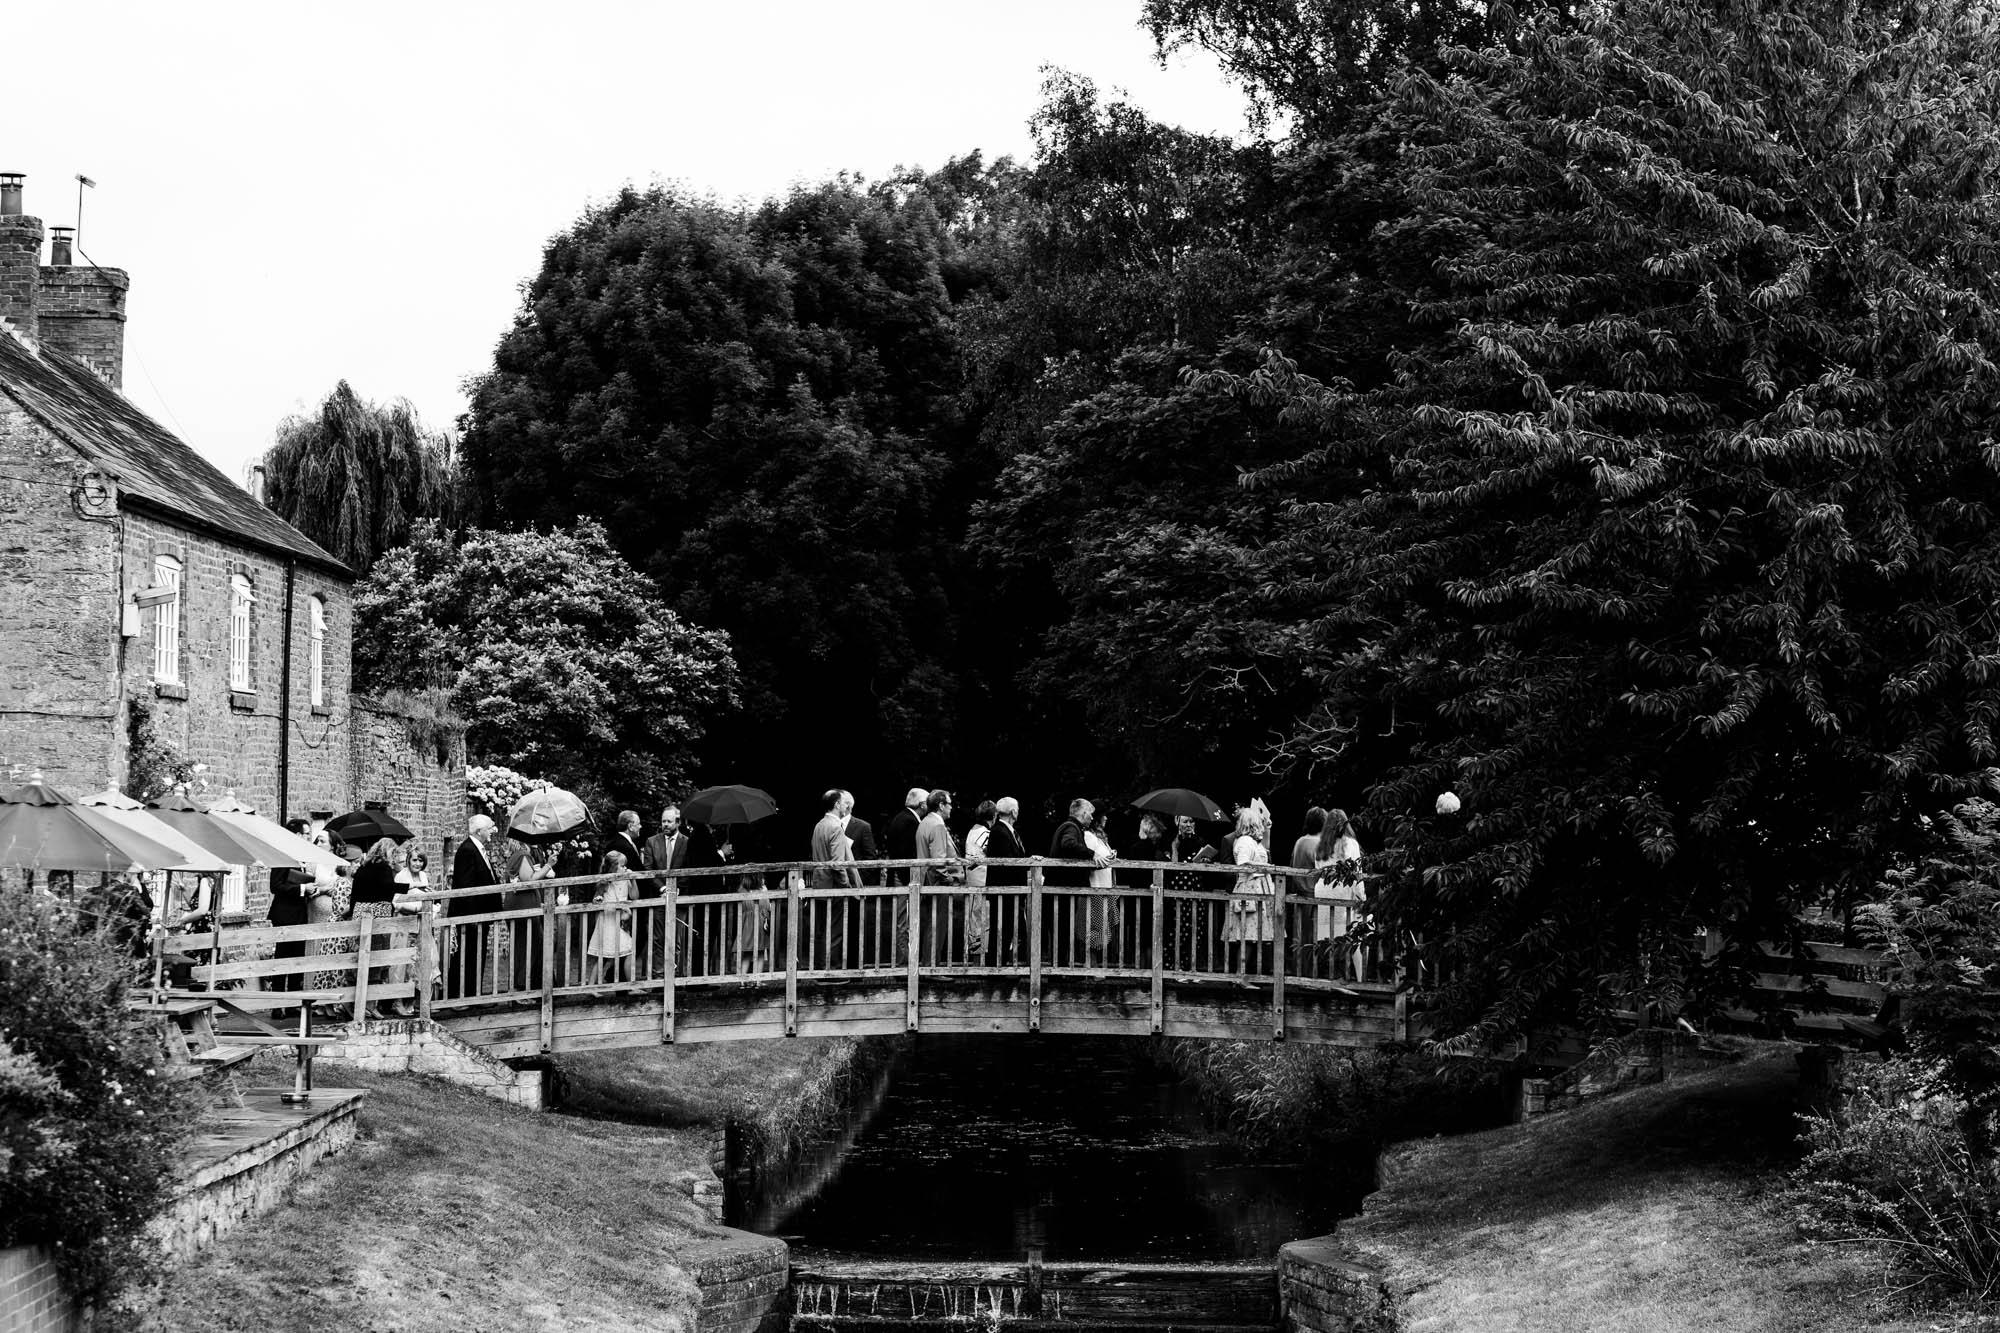 village-fete-wedding-41